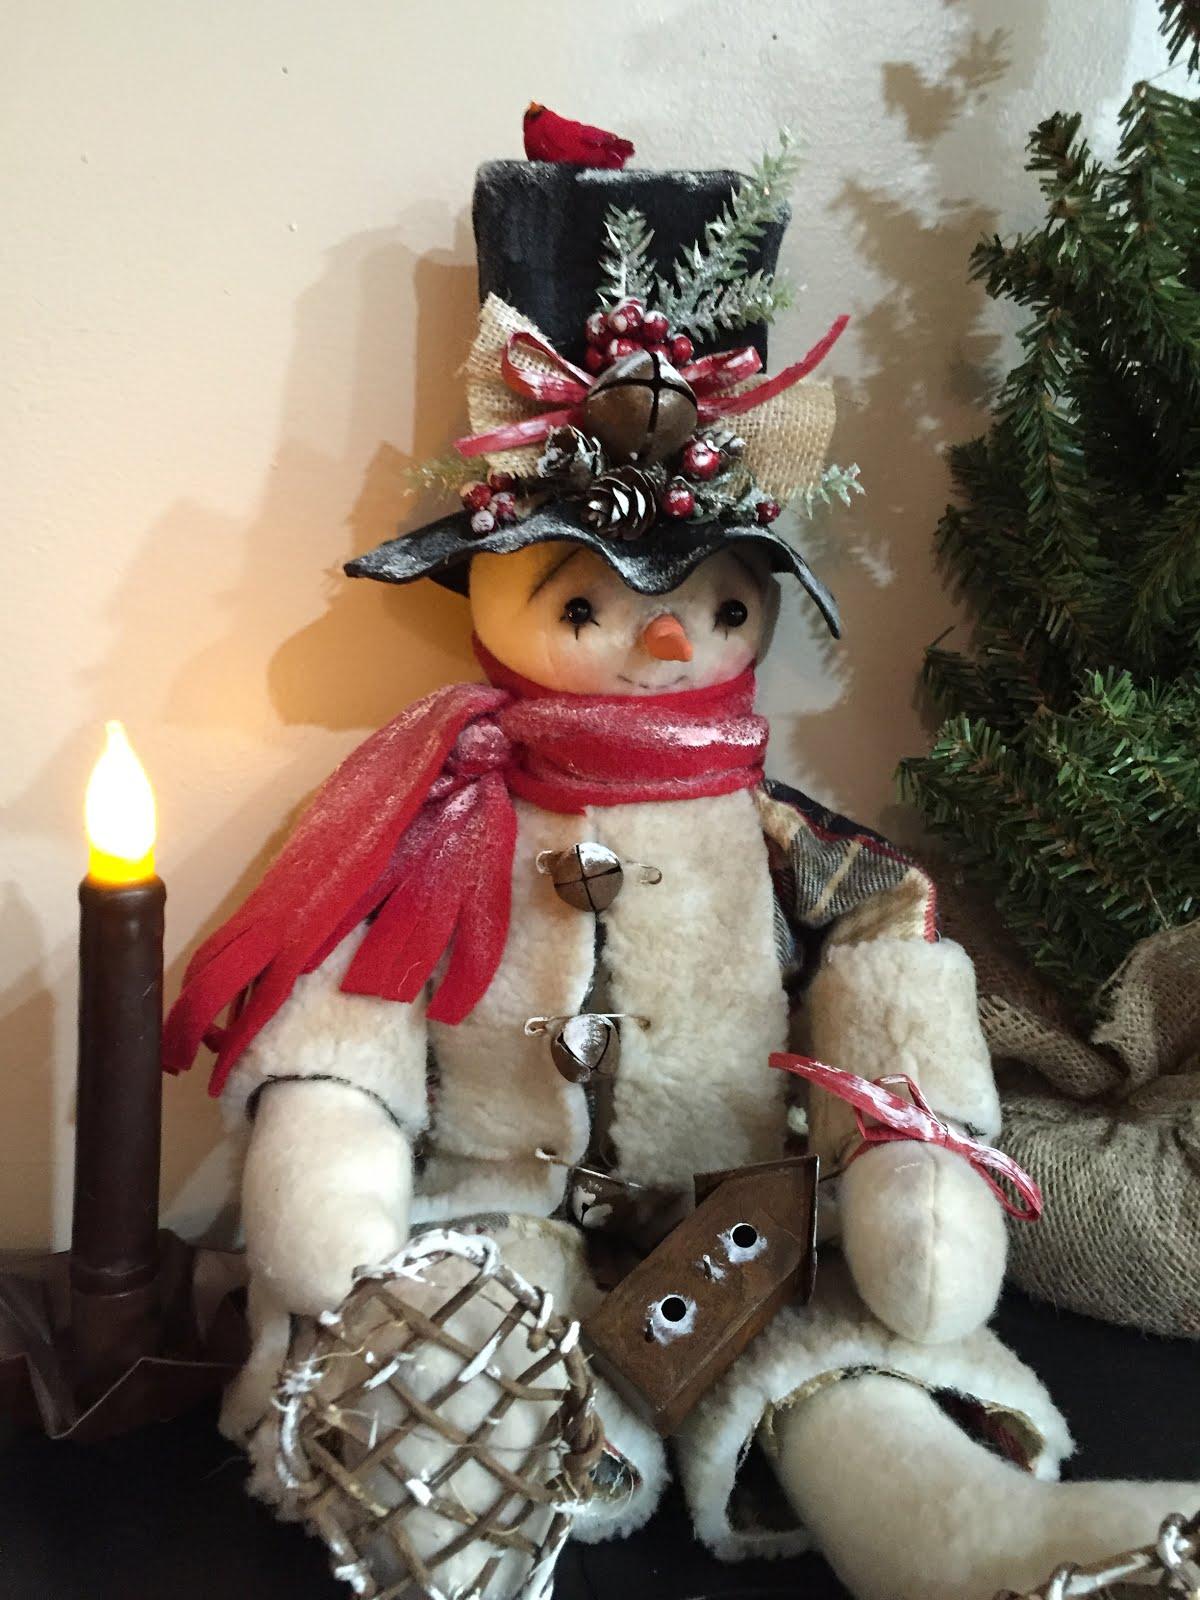 Snowshoe Snowman